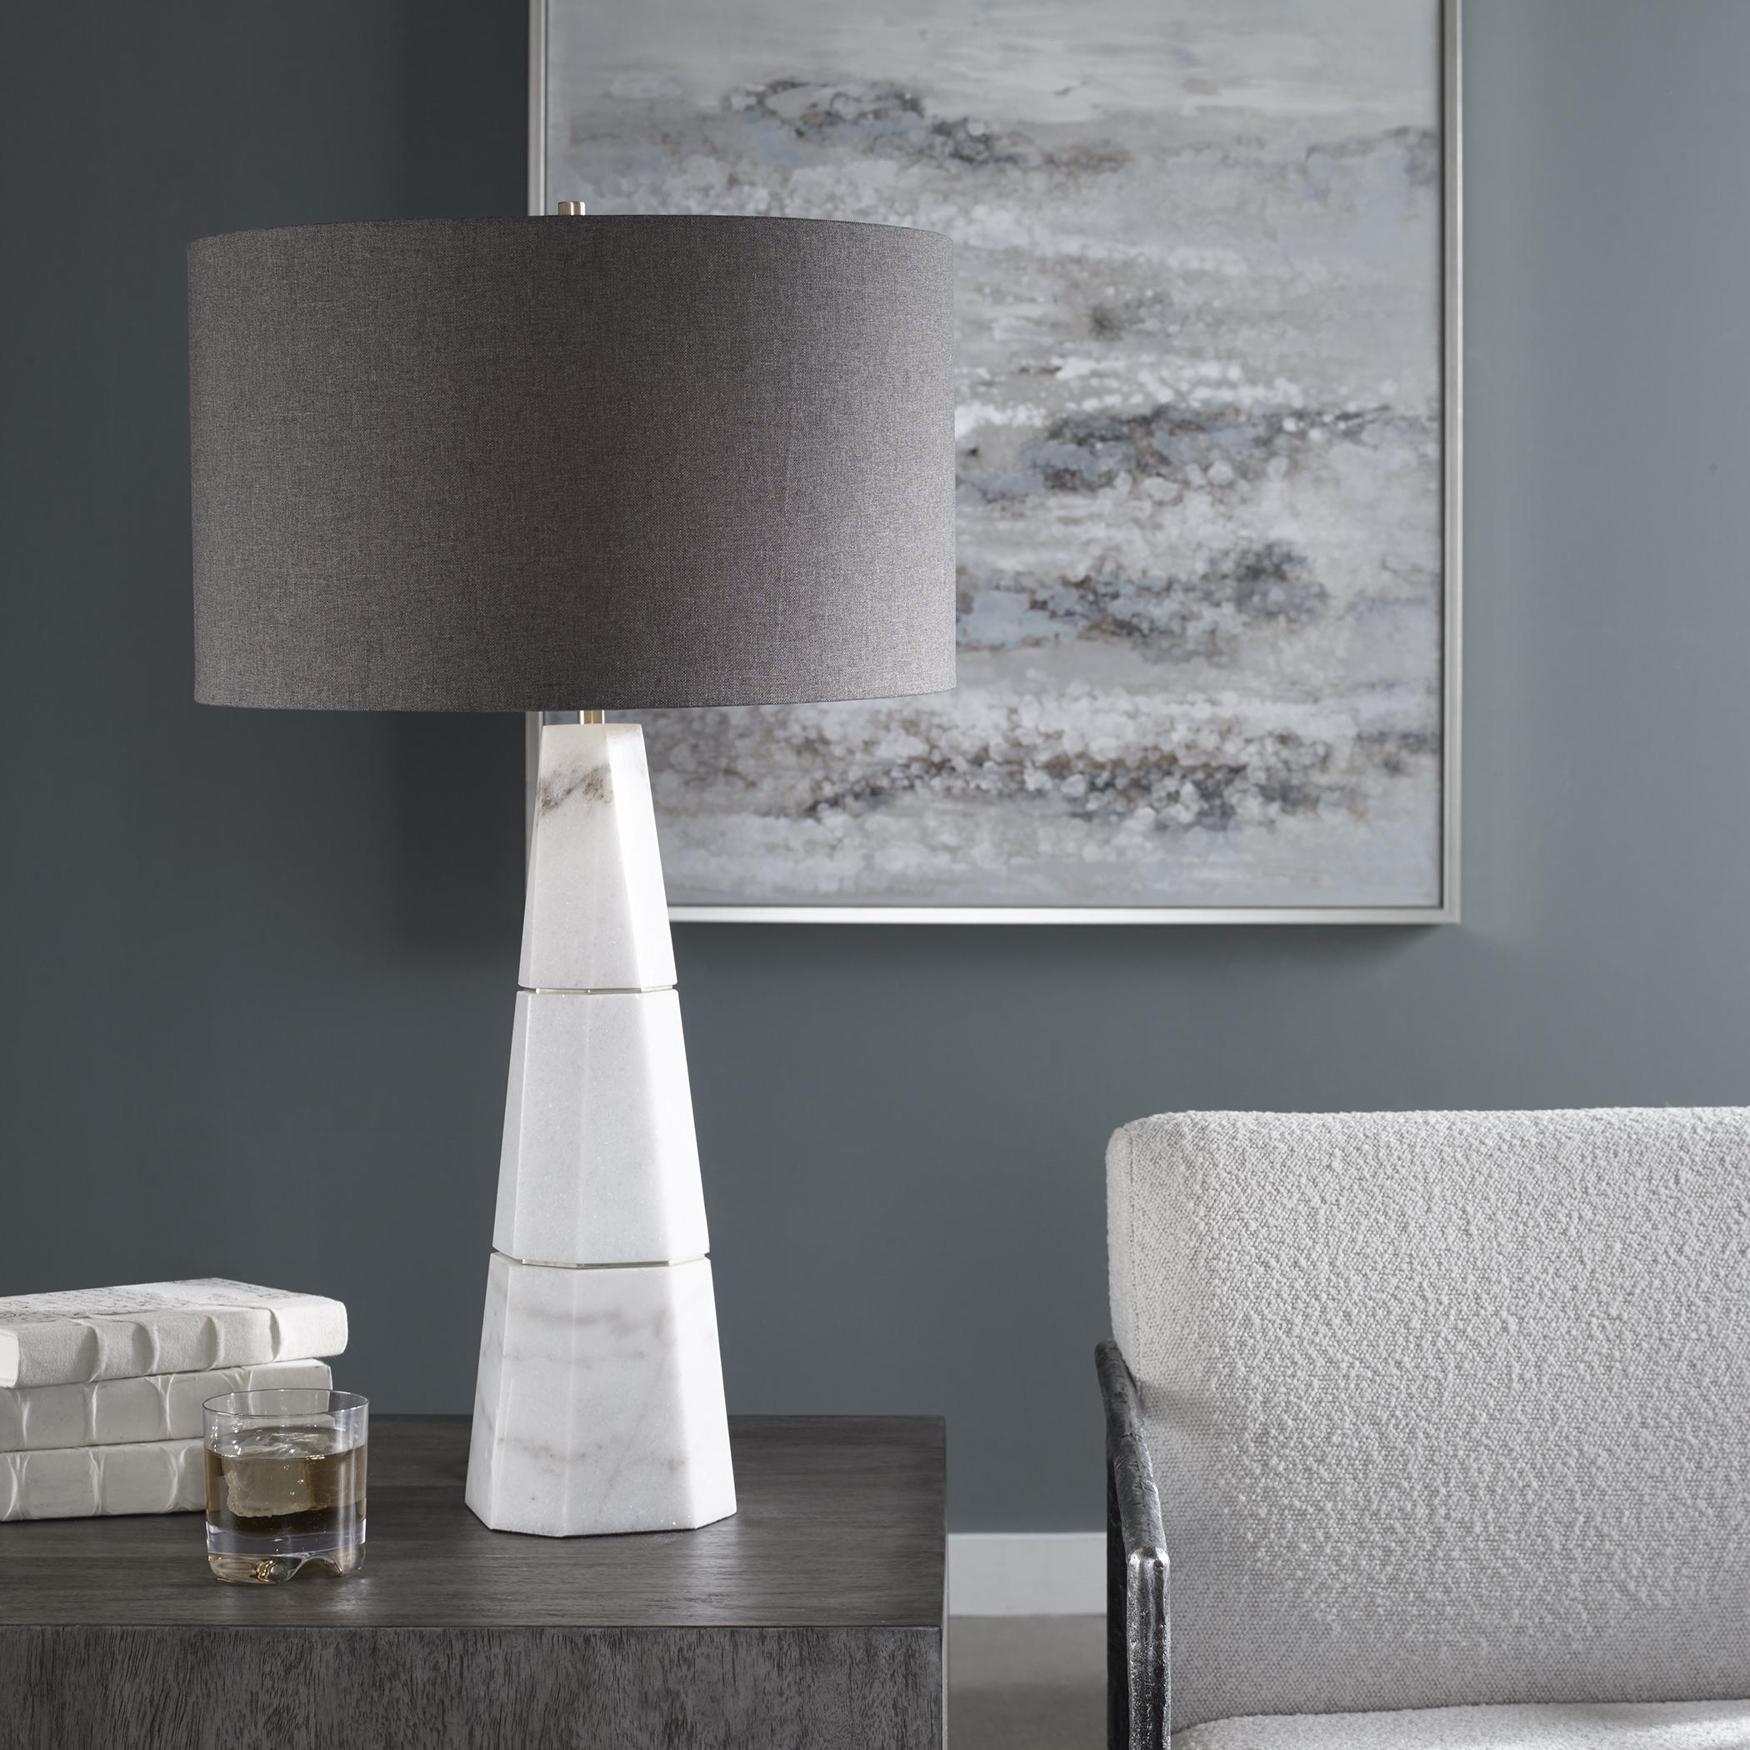 Uttermost Citadel White Marble Table Lamp